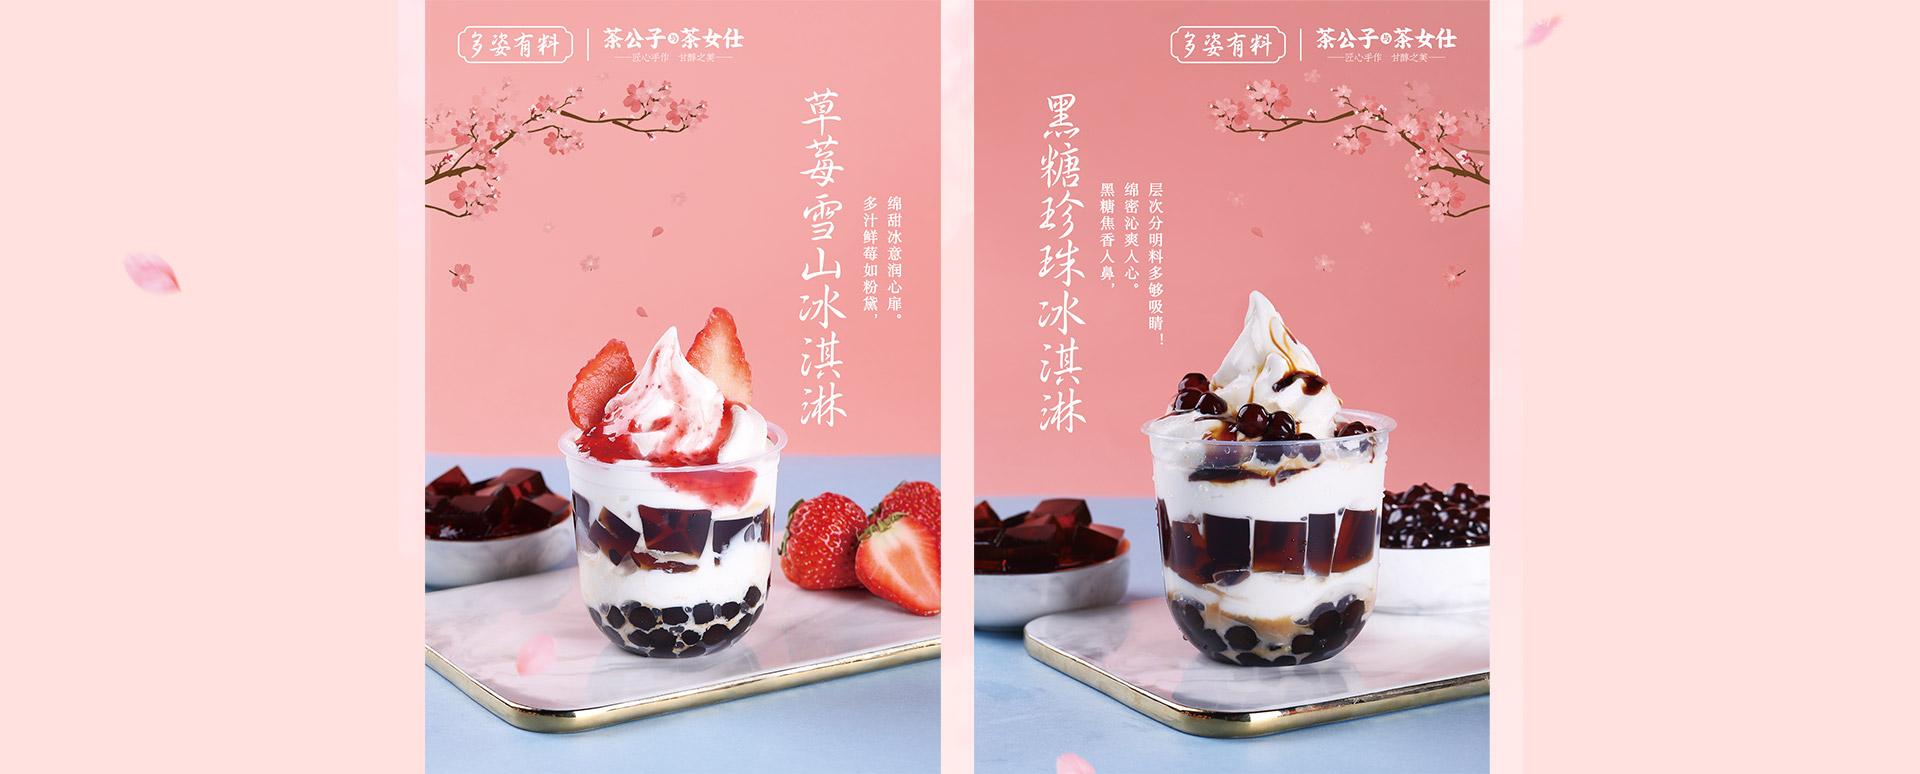 草莓雪山冰淇淋,黑糖珍珠冰淇淋